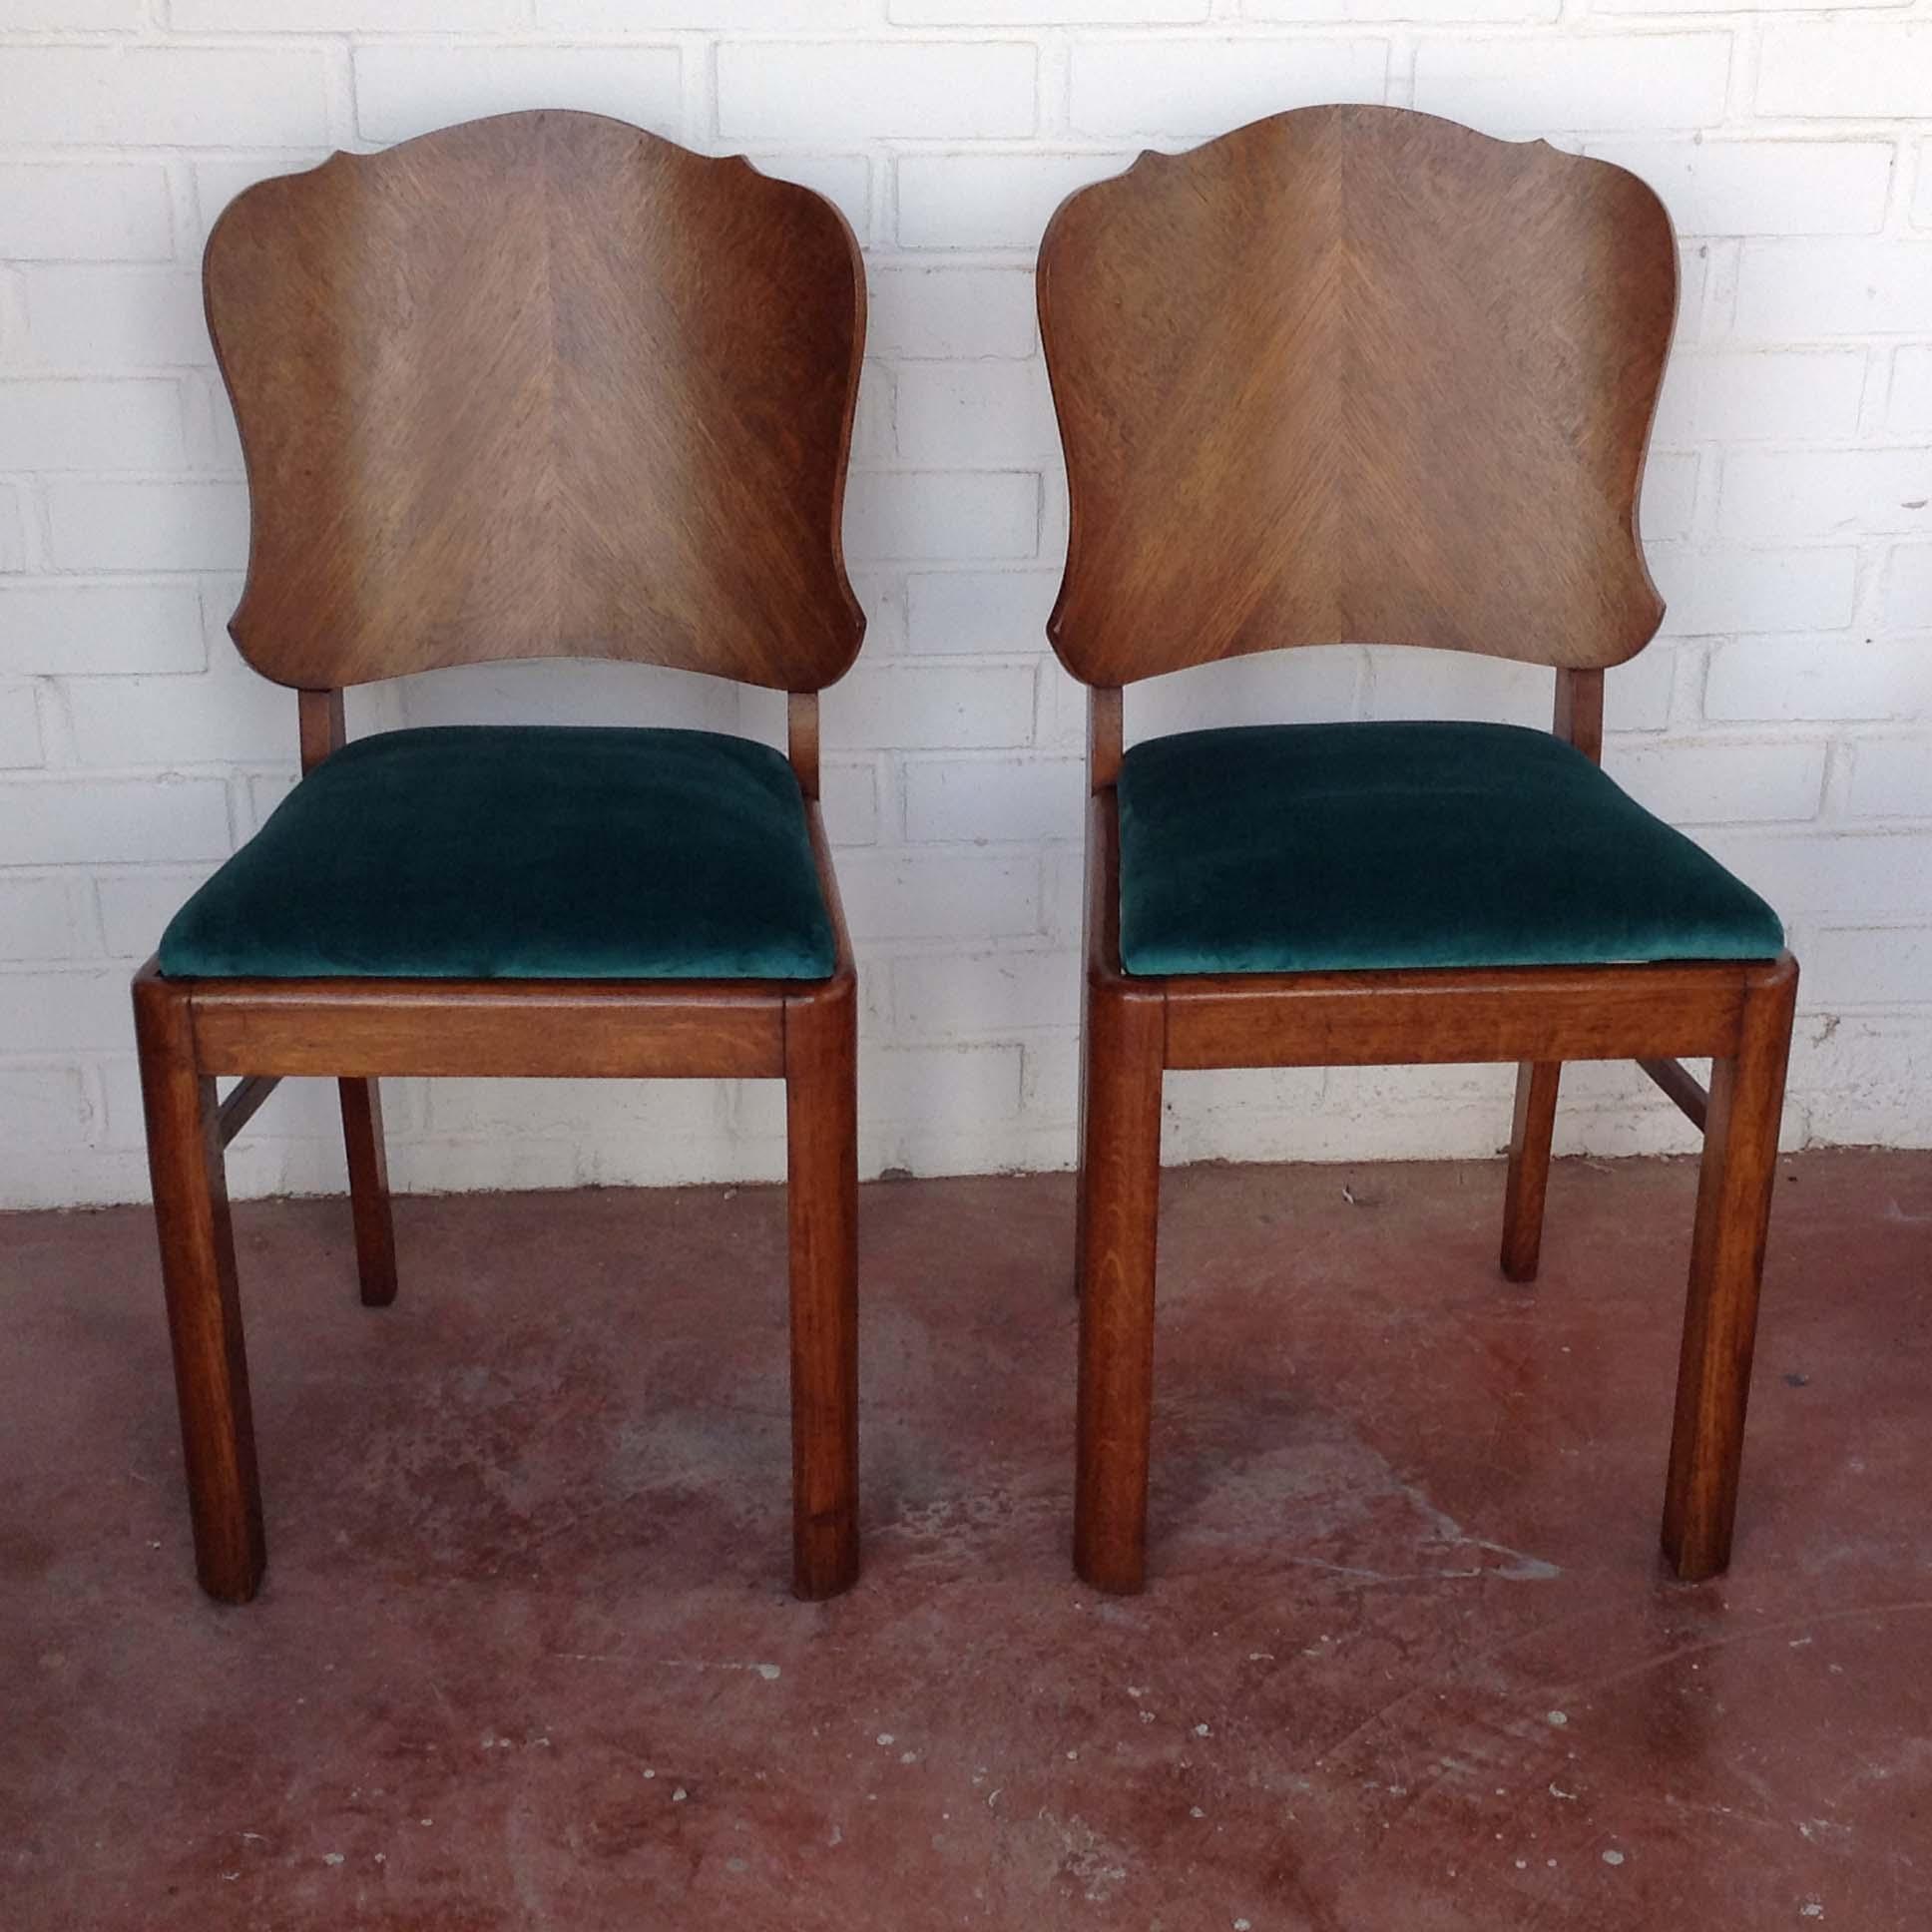 pareja sillas belgas estilo deco madera haya roble terciopelo vintage antiguas 1